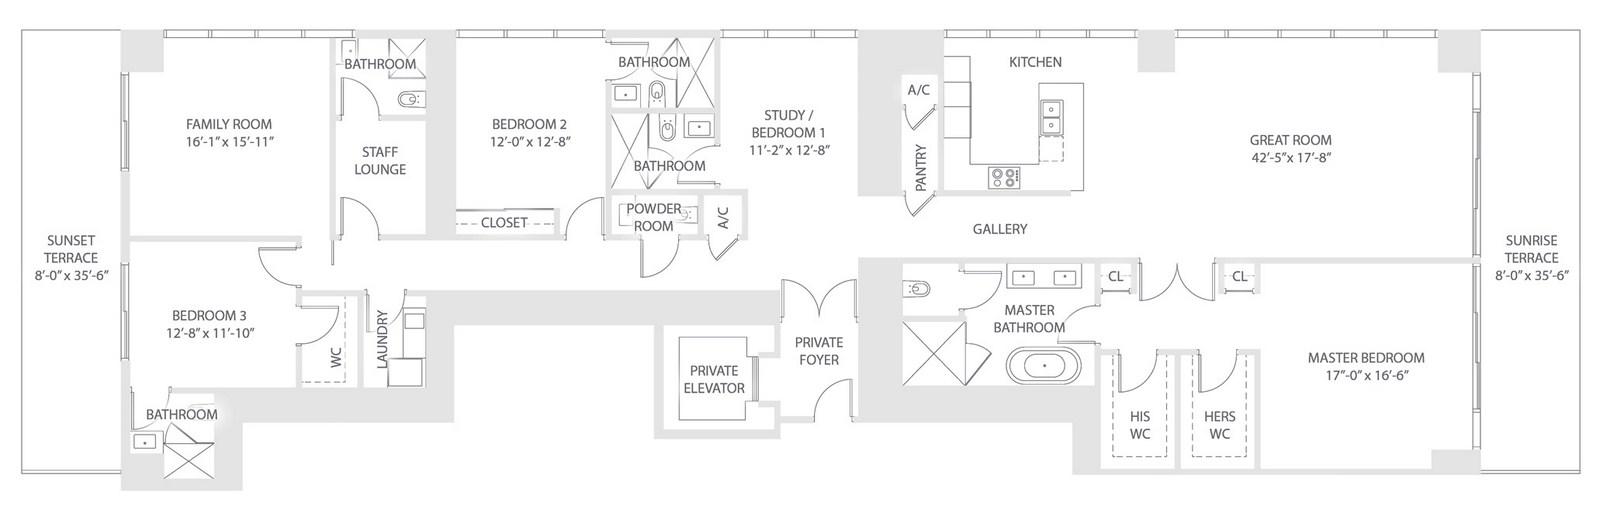 Elysee - Floorplan 7